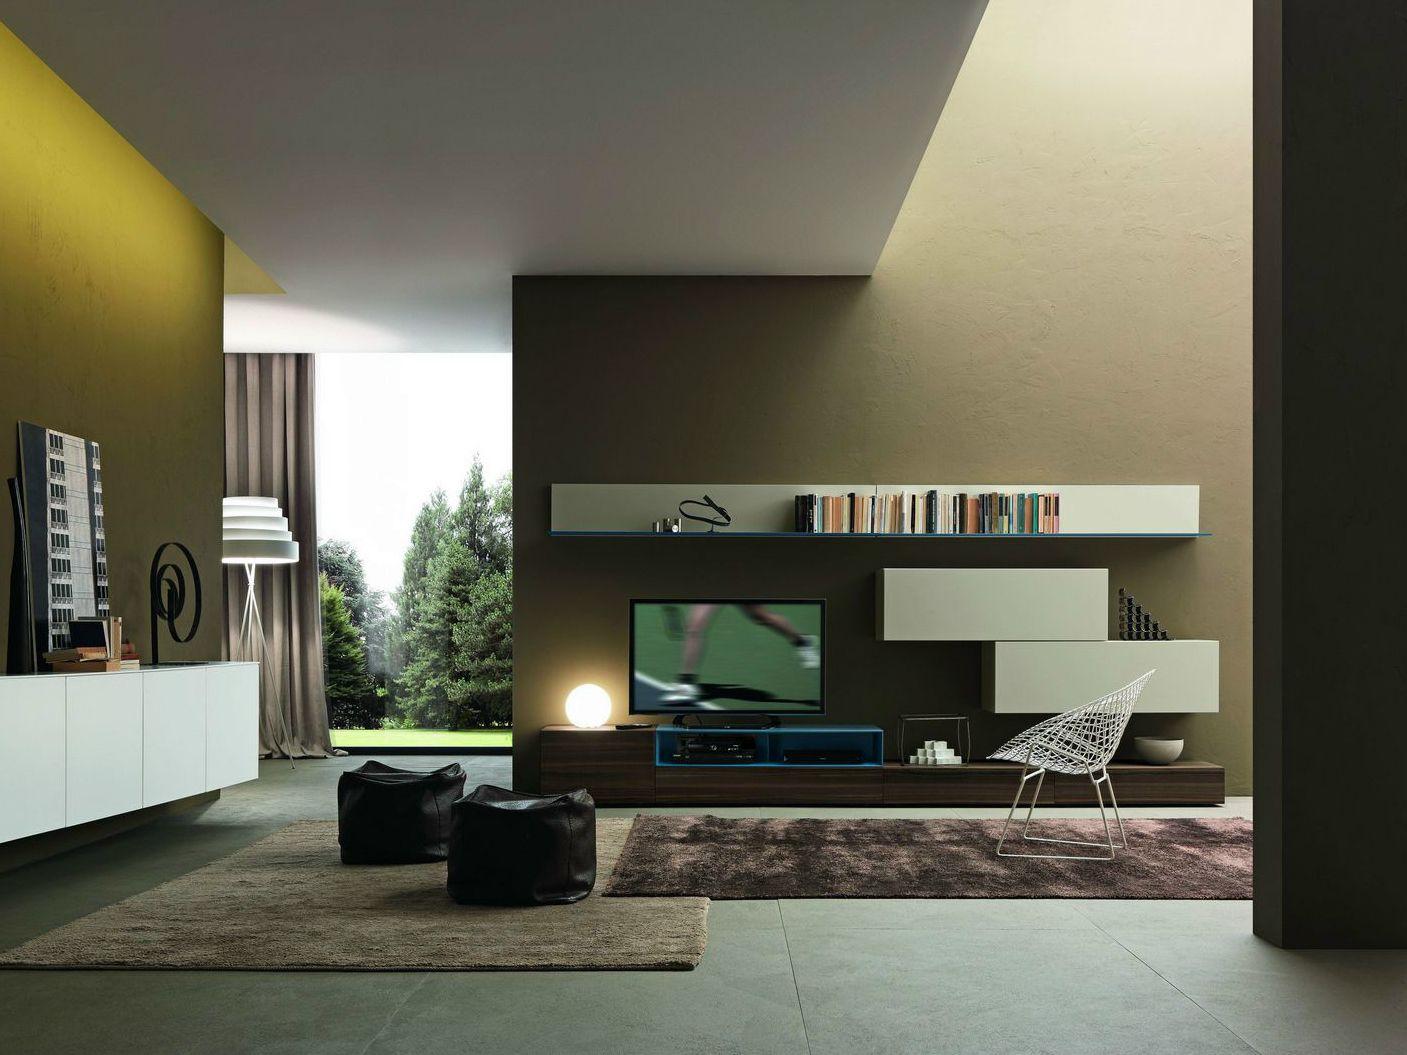 Leroy Merlin Faretti Bagno: Faretti moderni bagno ~ ispirazione design casa. ...